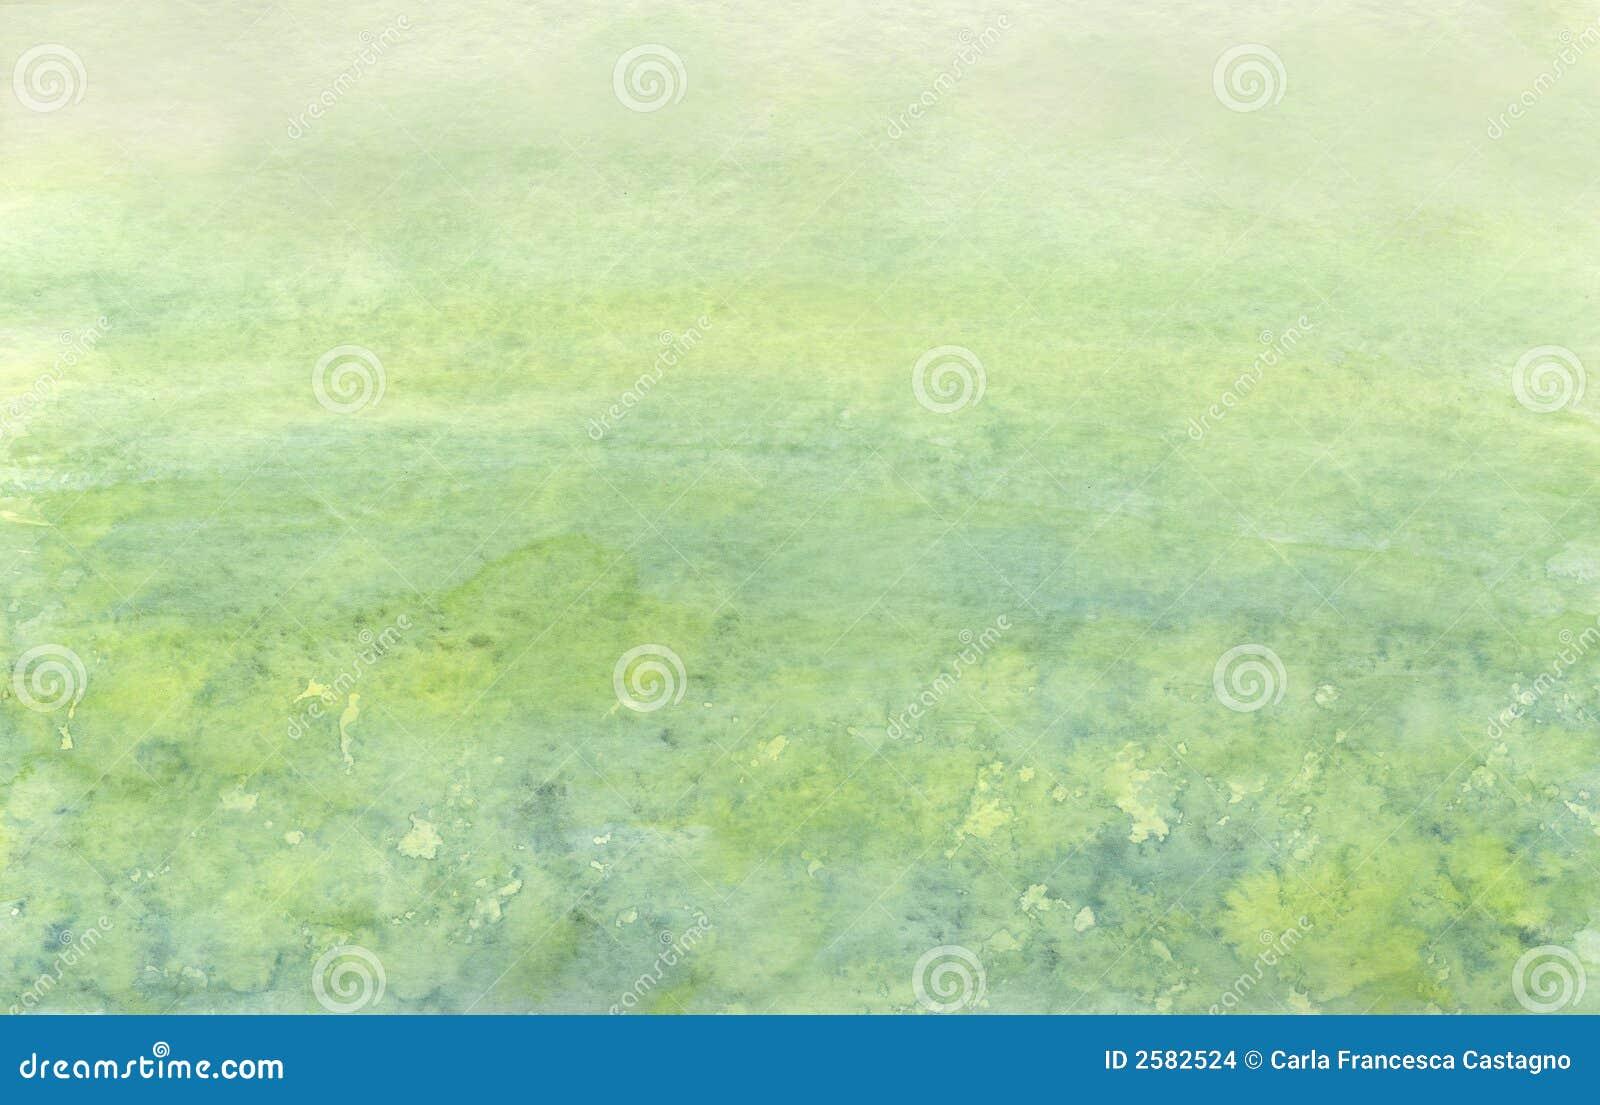 Fond abstrait d aquarelle